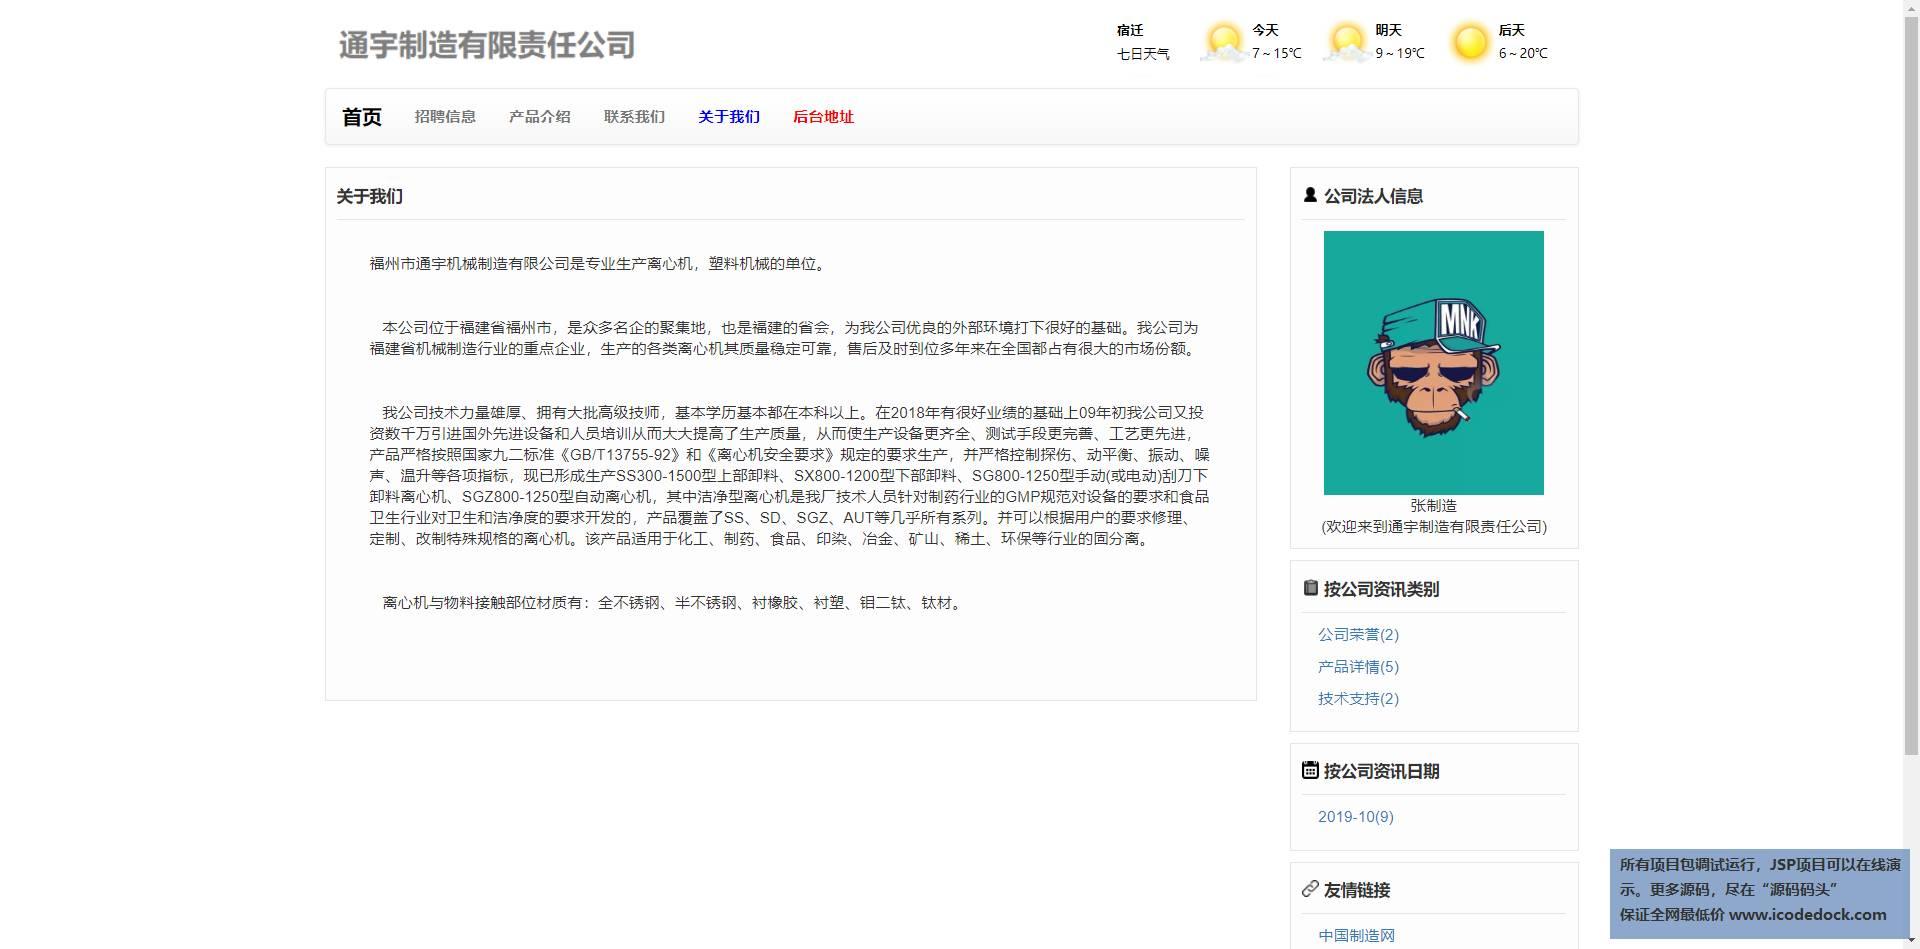 源码码头-SSM企业官方网站-用户角色-关于我们